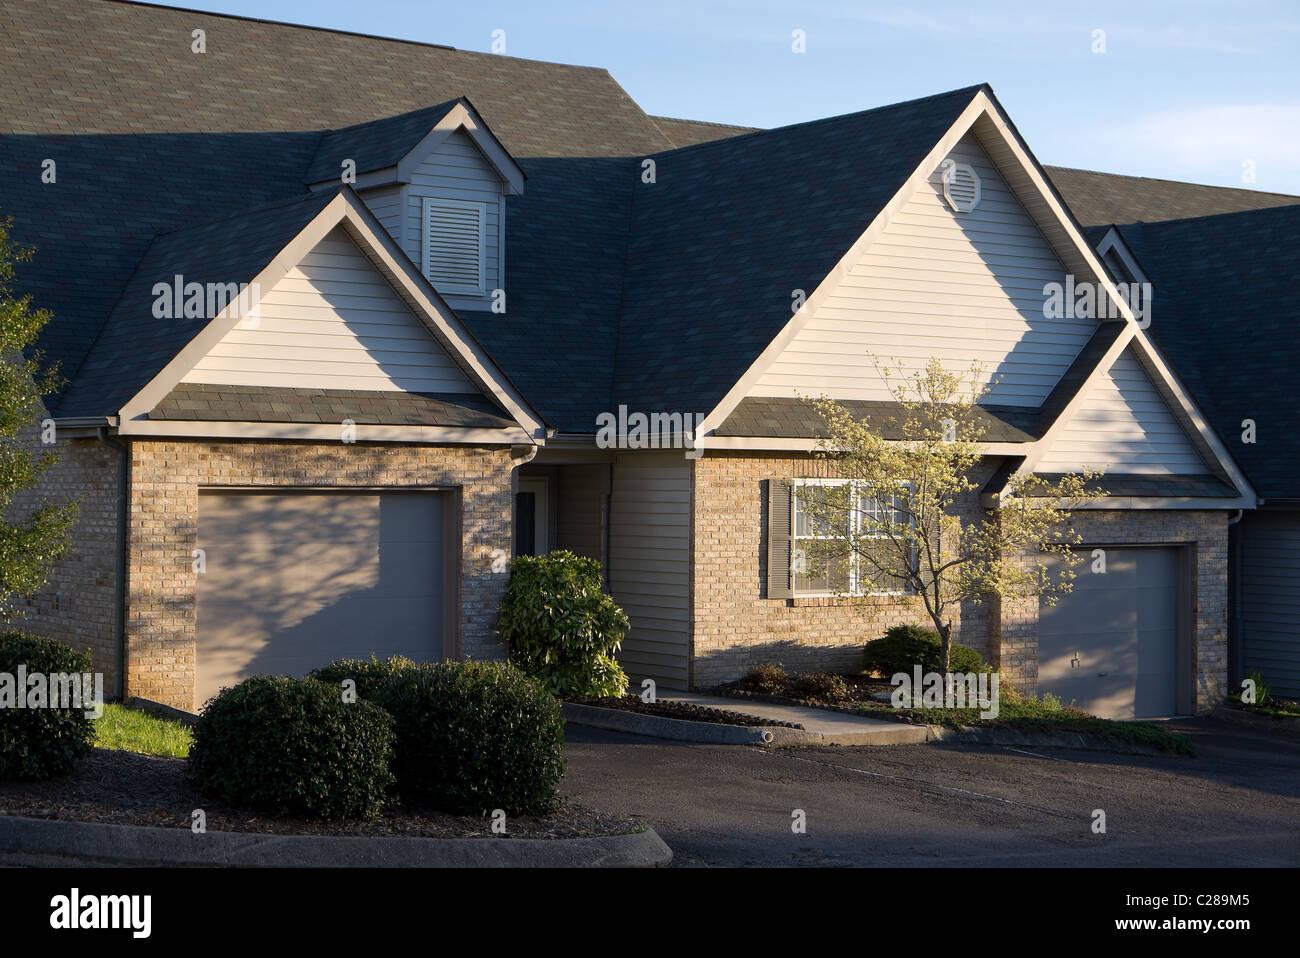 Quiet neighborhood with empty duplex housing - Stock Image